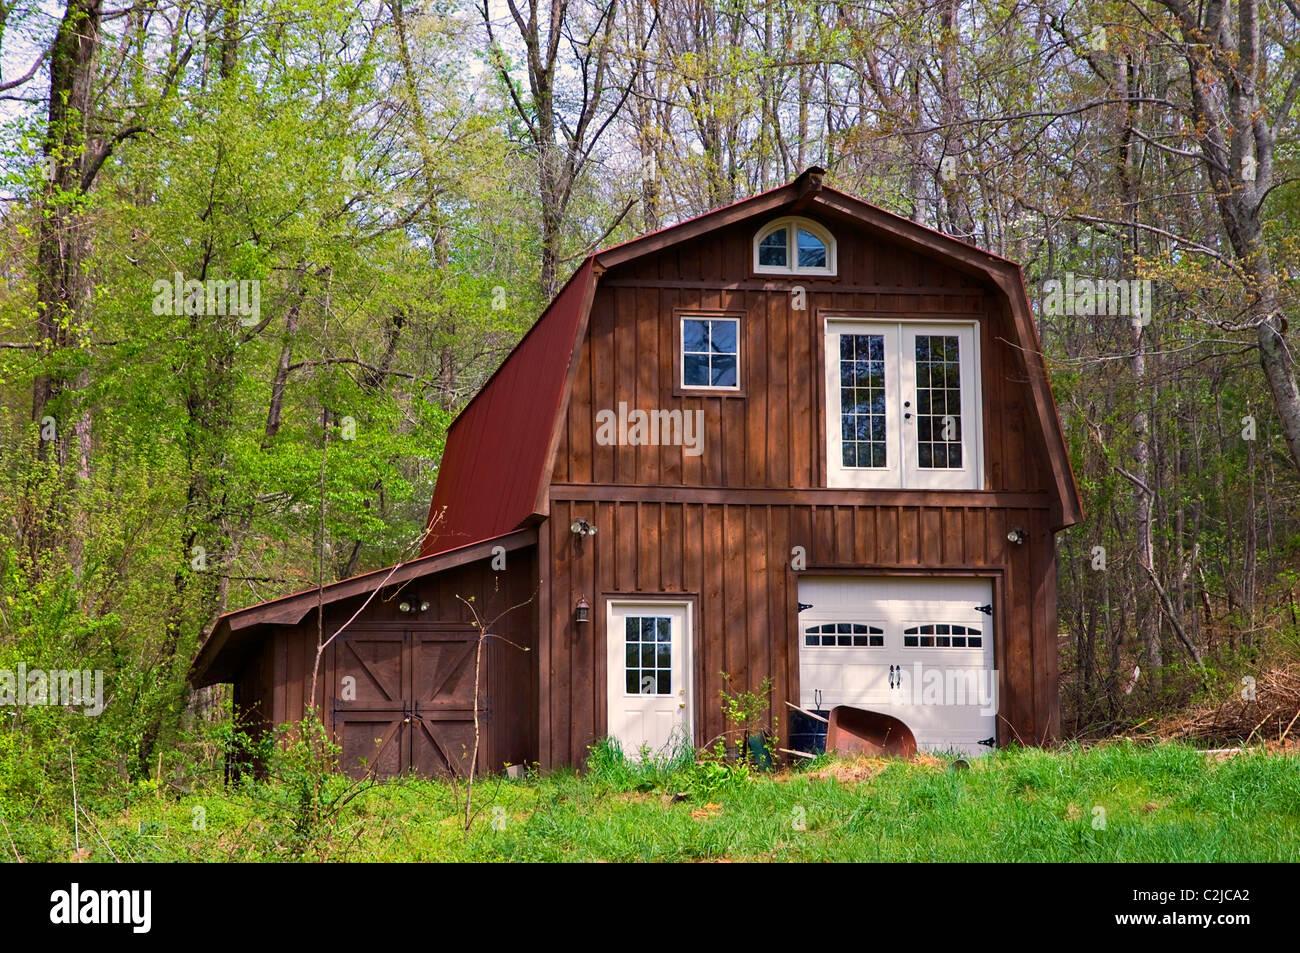 Un grande granaio in legno rosso con tetto metallico e progettato per essere utilizzato come residenza (se necessario). Immagini Stock